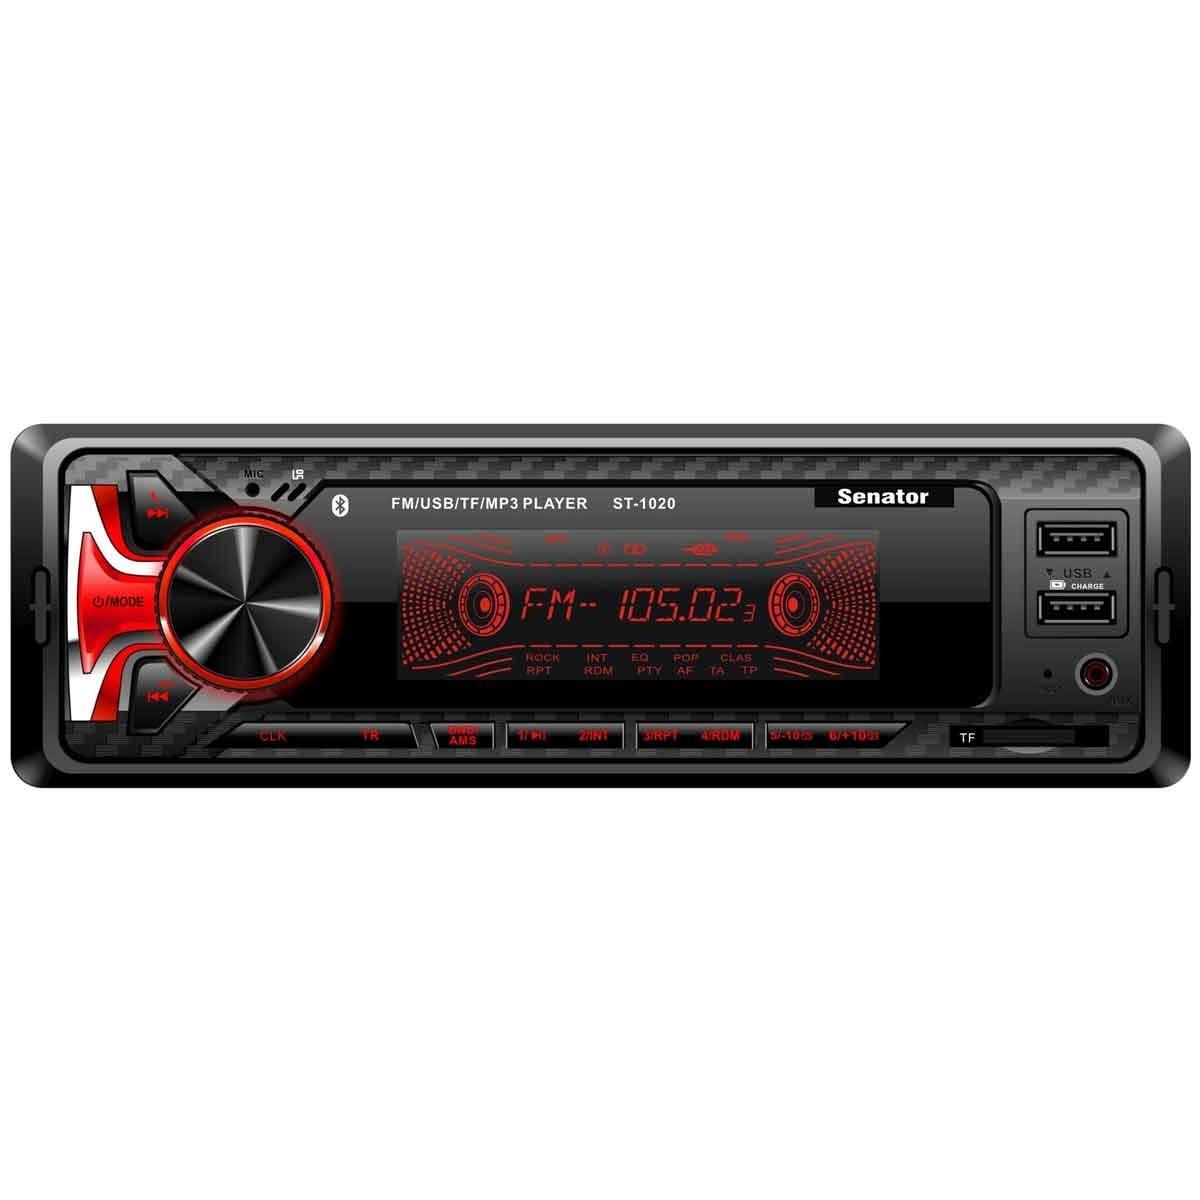 تصویر رادیو پخش خودرو سناتور مدل ST-1020